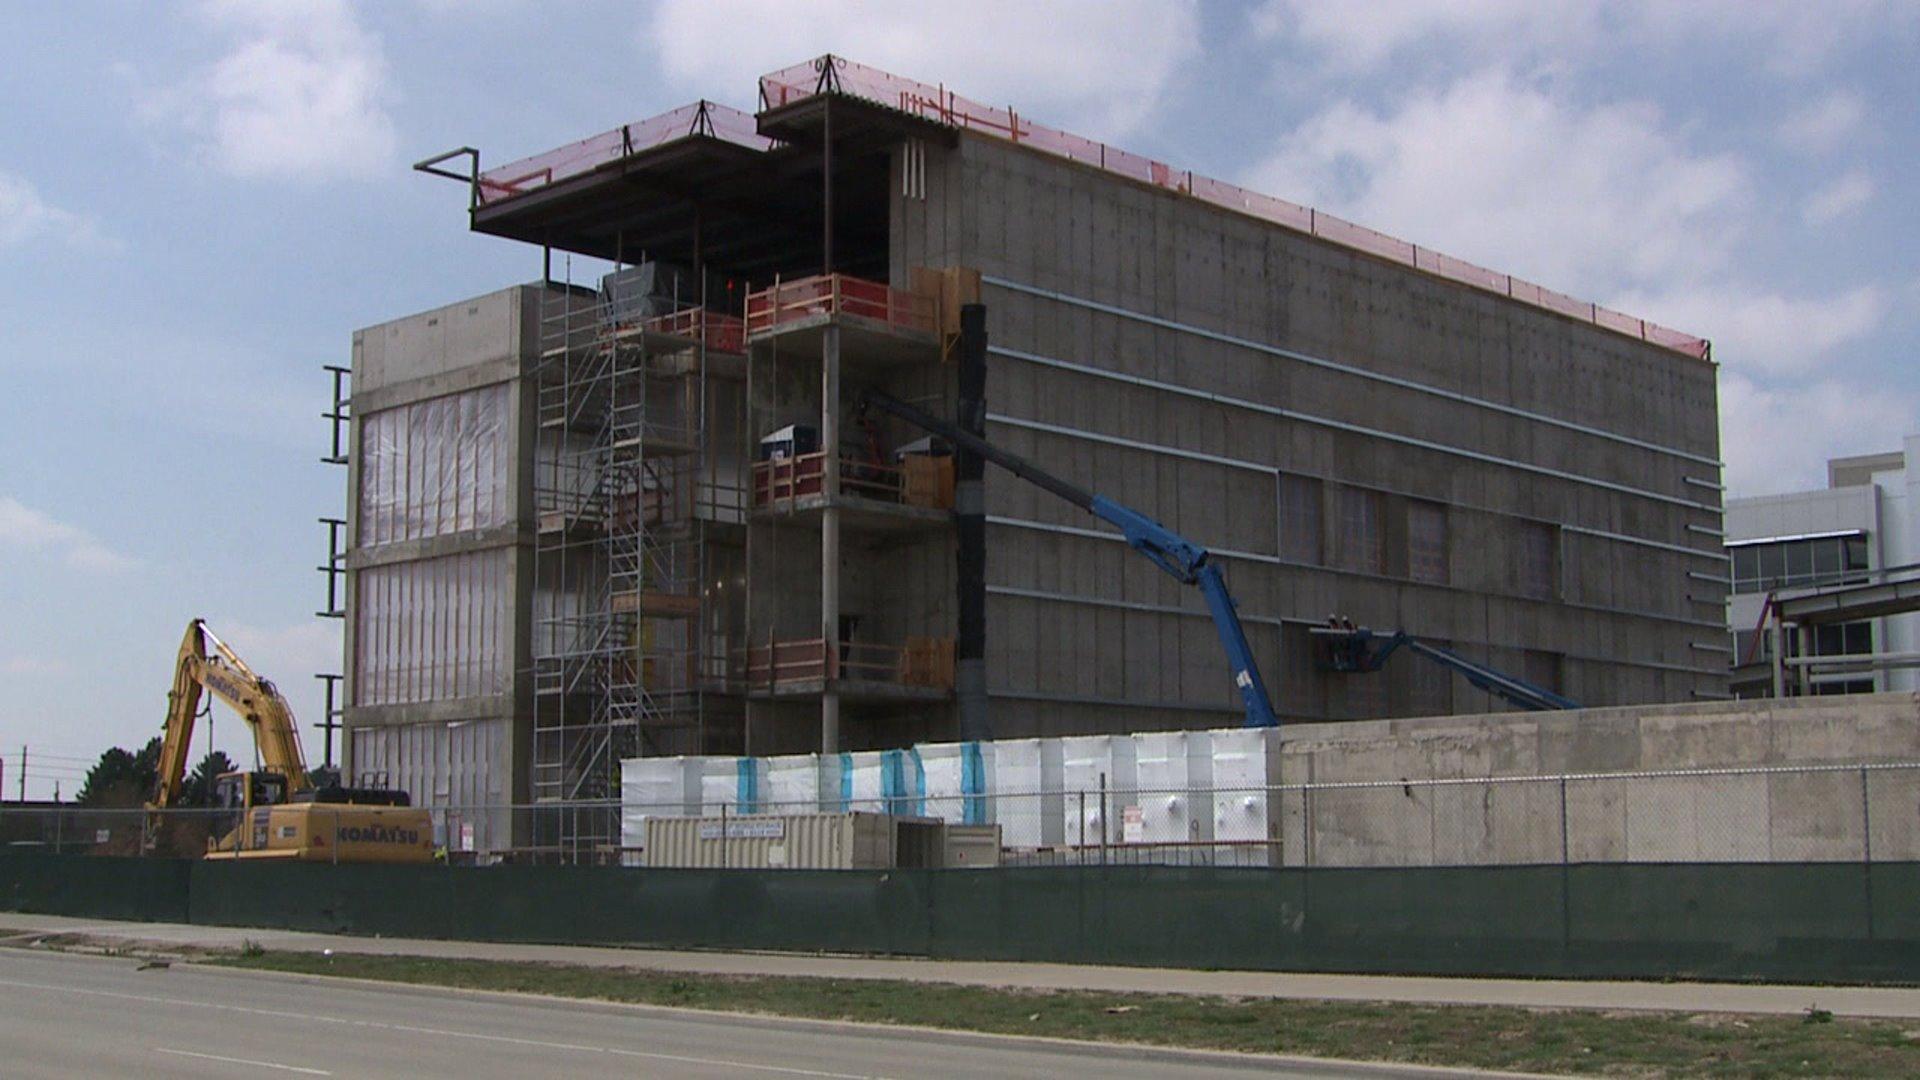 VA hospital project in Aurora, Colo